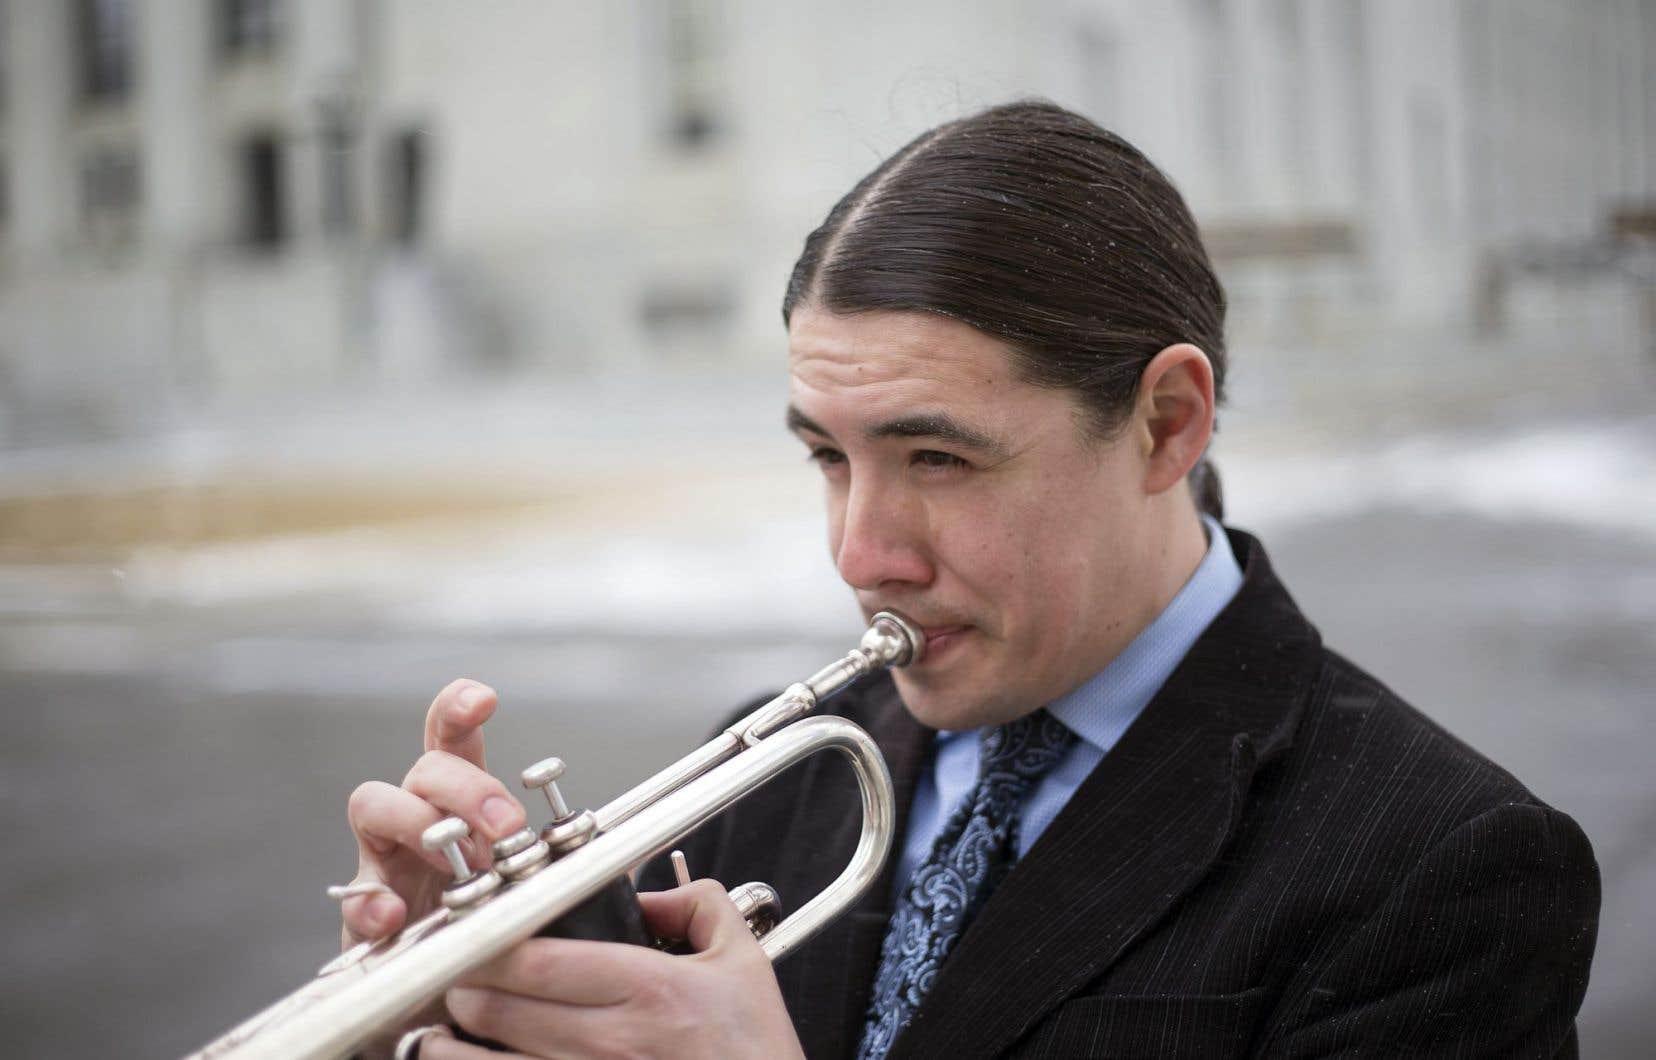 Multi-instrumentiste, Robert-Falcon Ouellette jouait de l'euphonium (tuba ténor) dans la fanfare de rue qui se produisait pendant le Festival d'été de Québec, la Fanfarniente della Strada.